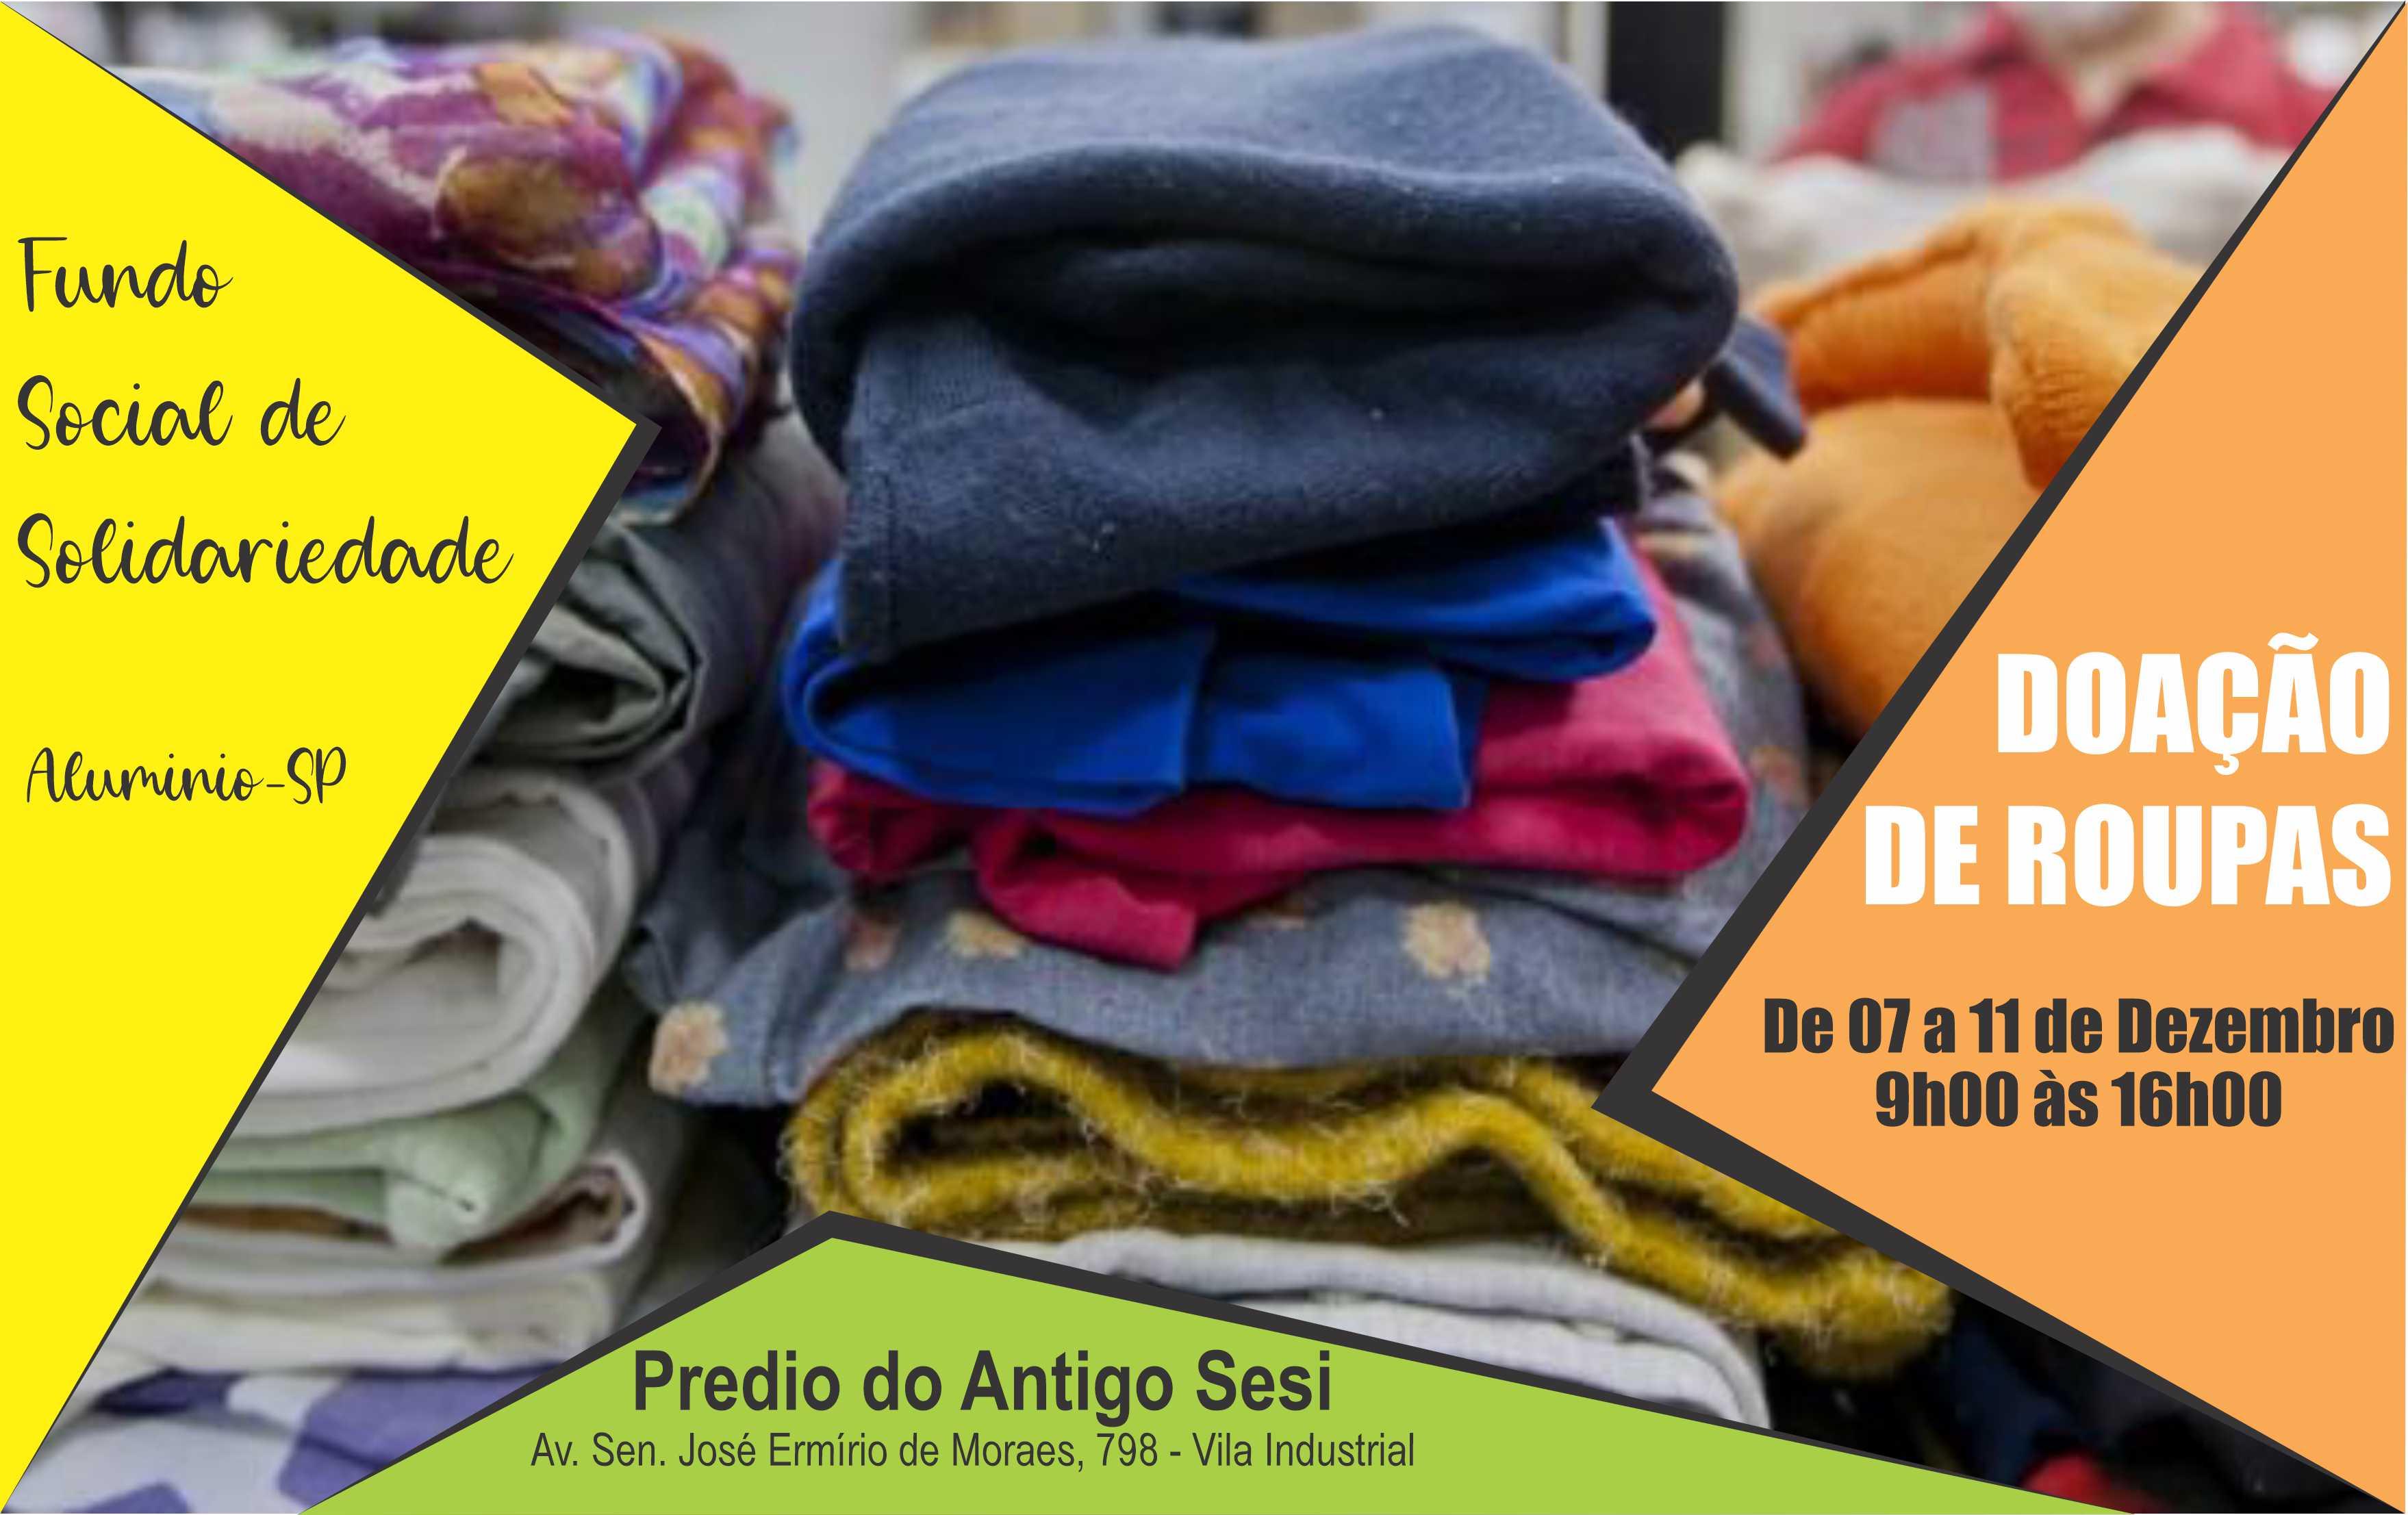 fundo social doação roupas